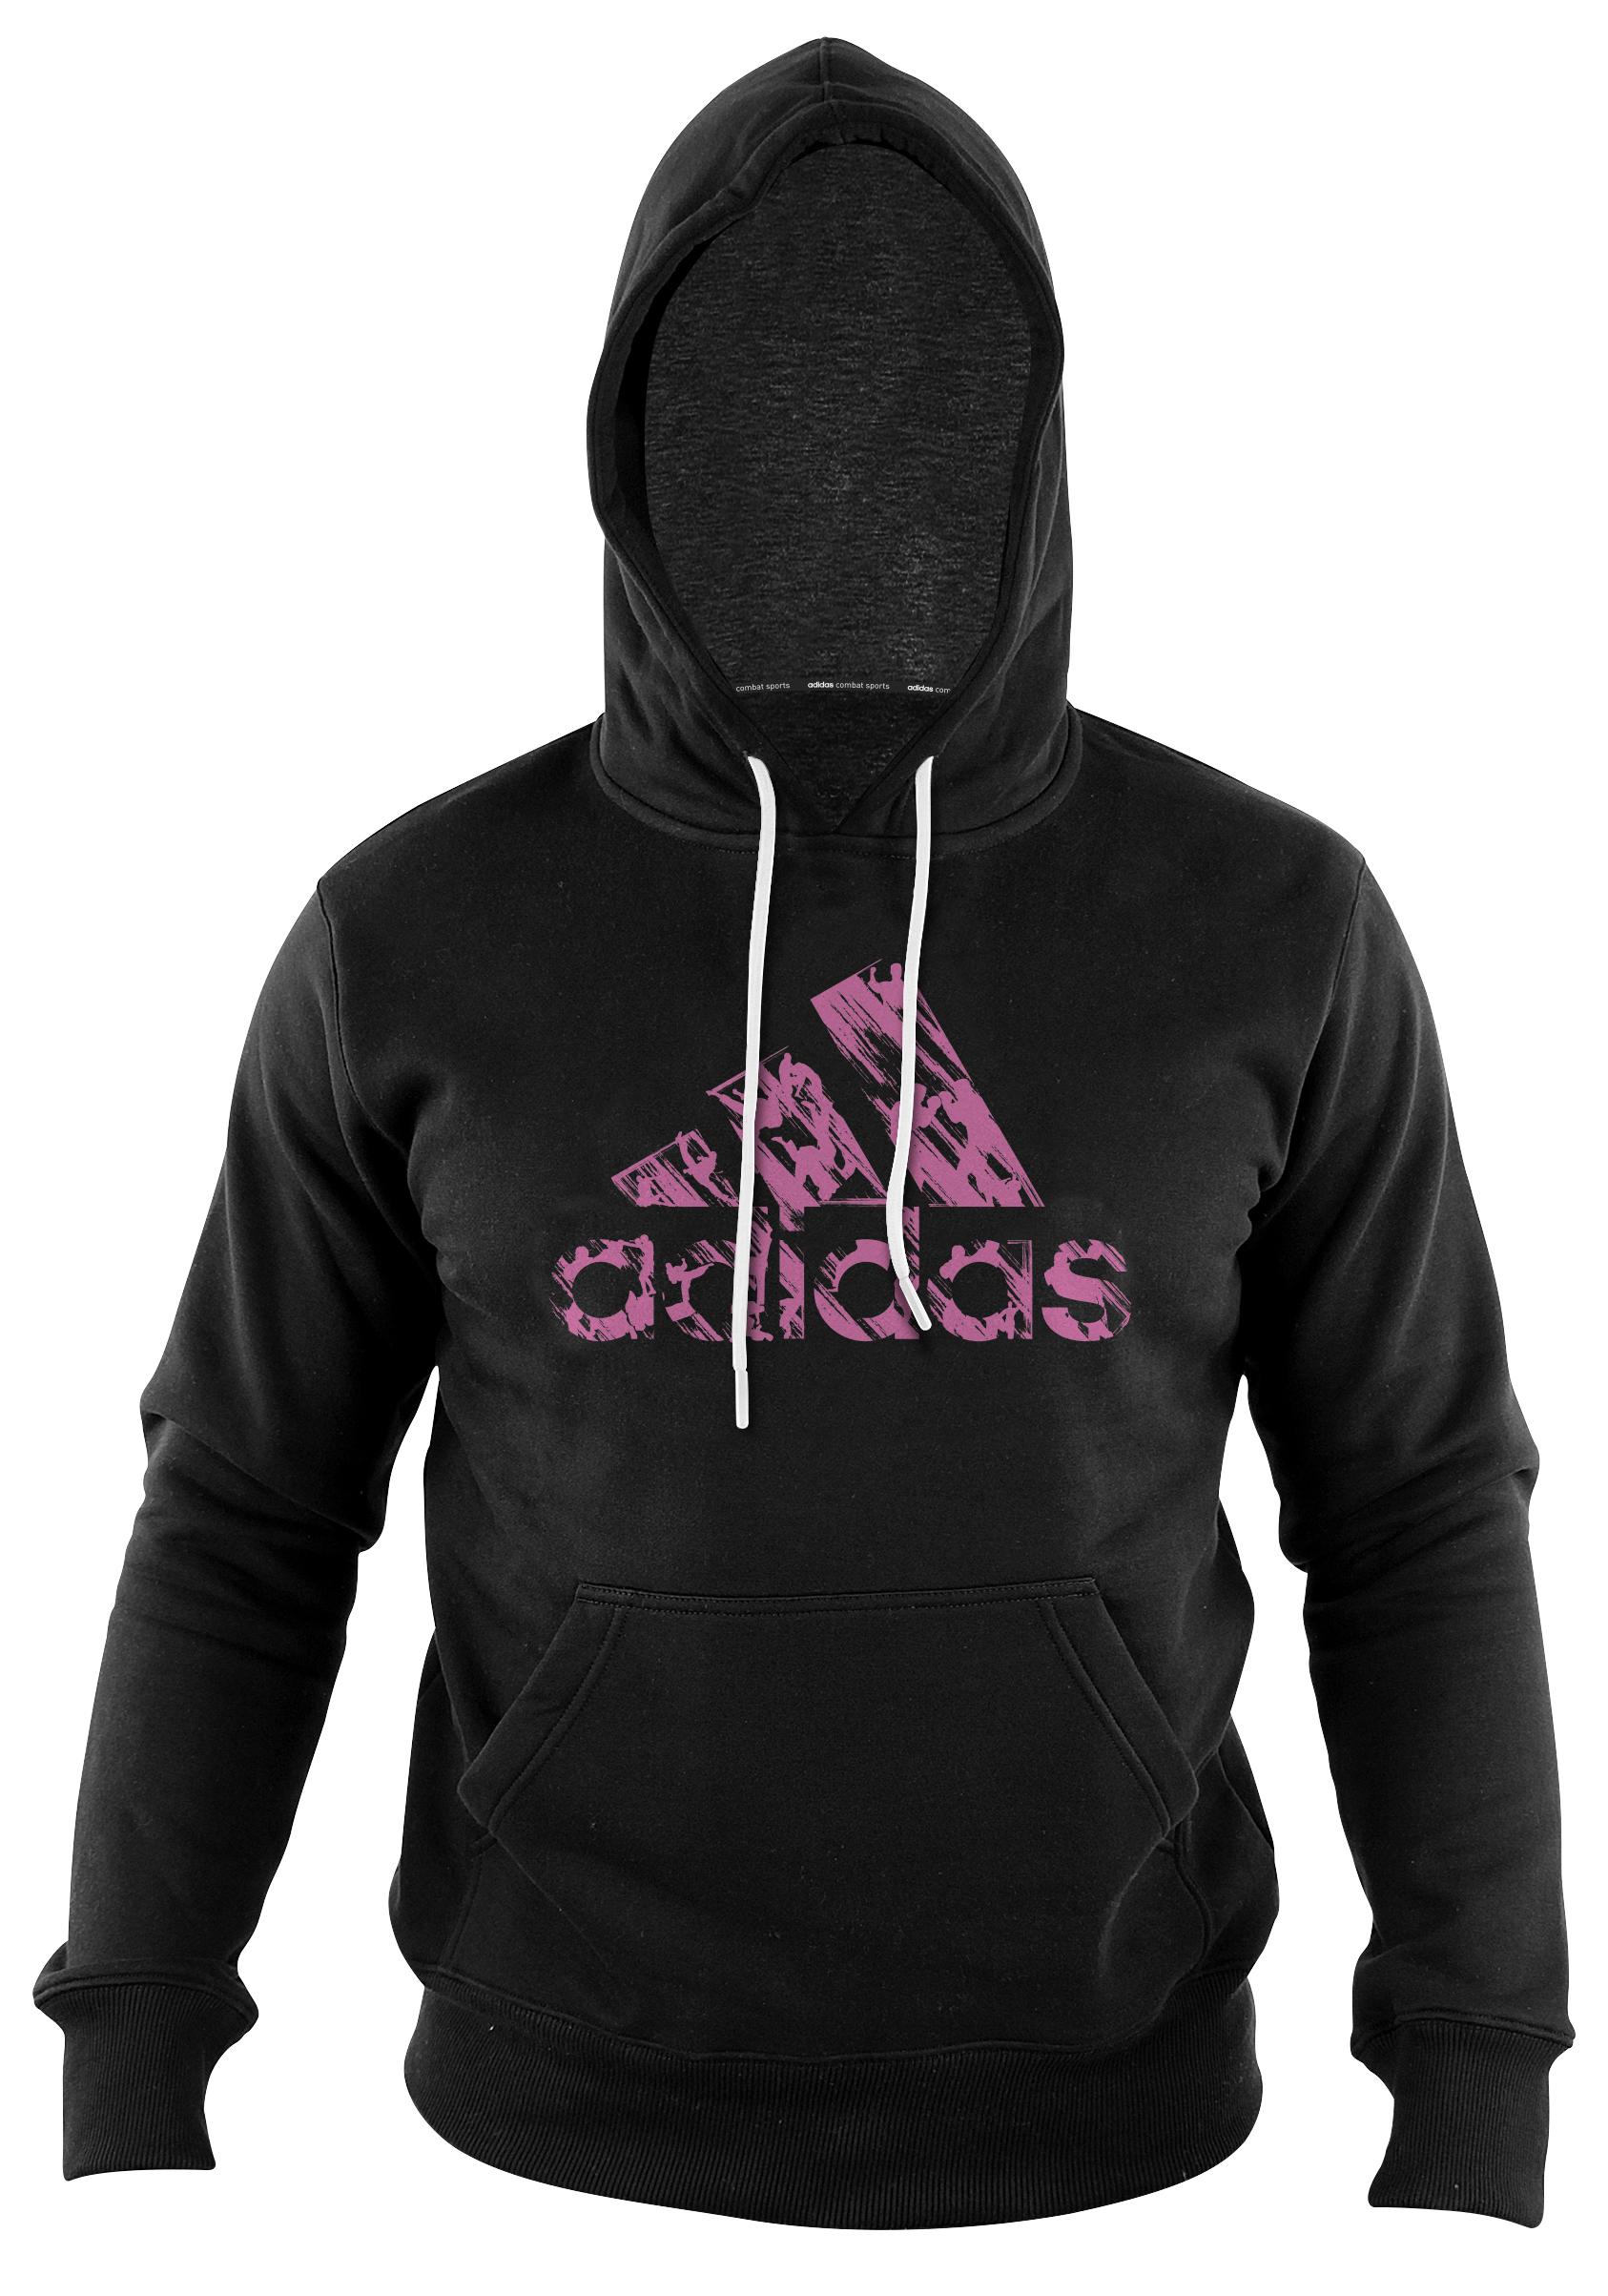 Sweat à capuche Adidas noir et rose